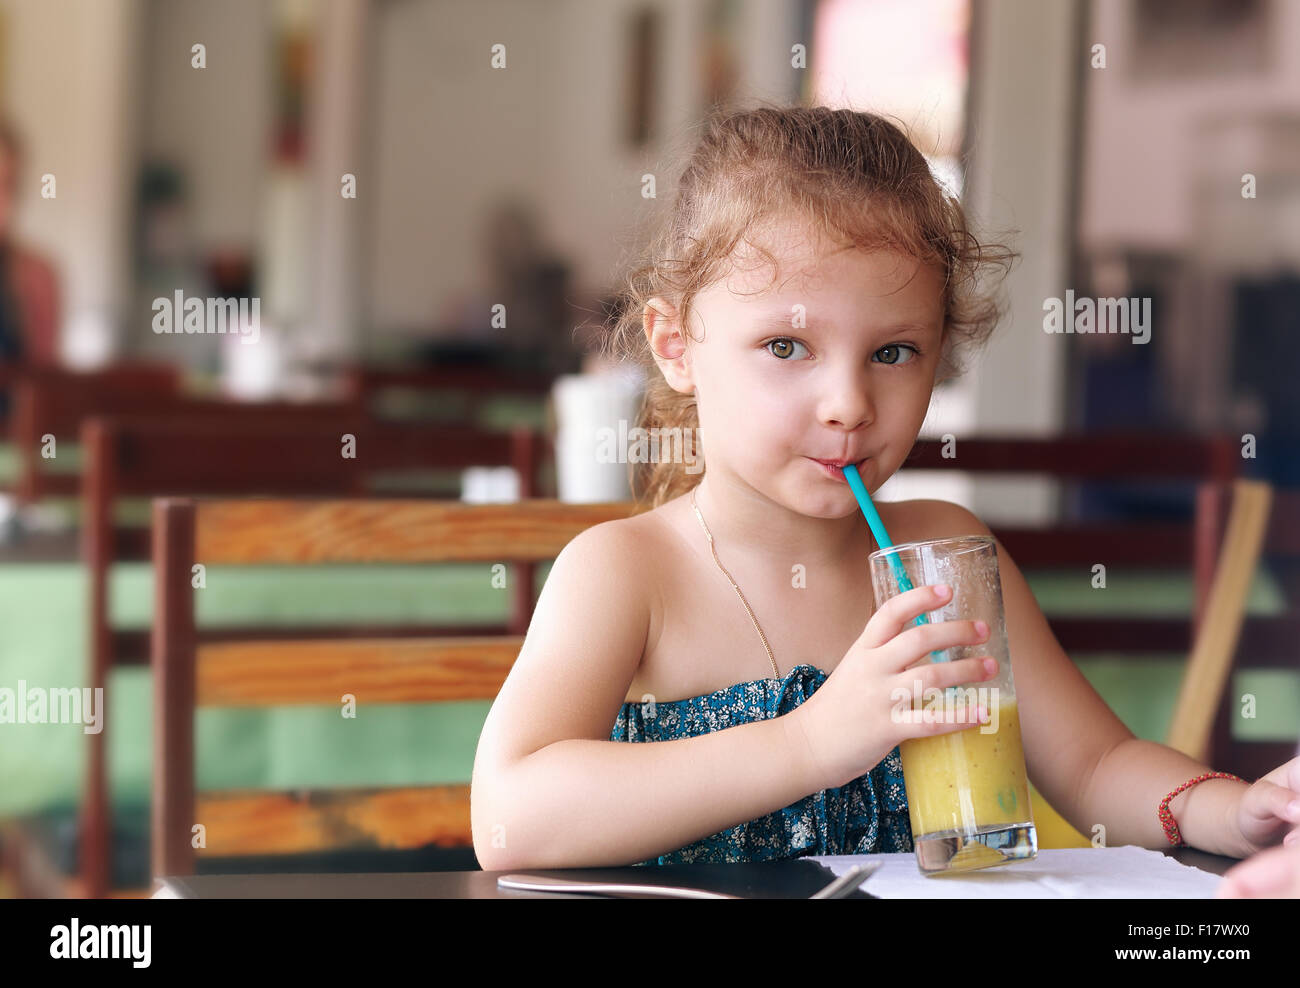 Lindo pequeño chico chica beber jugo en cafe con apariencia seria Imagen De Stock